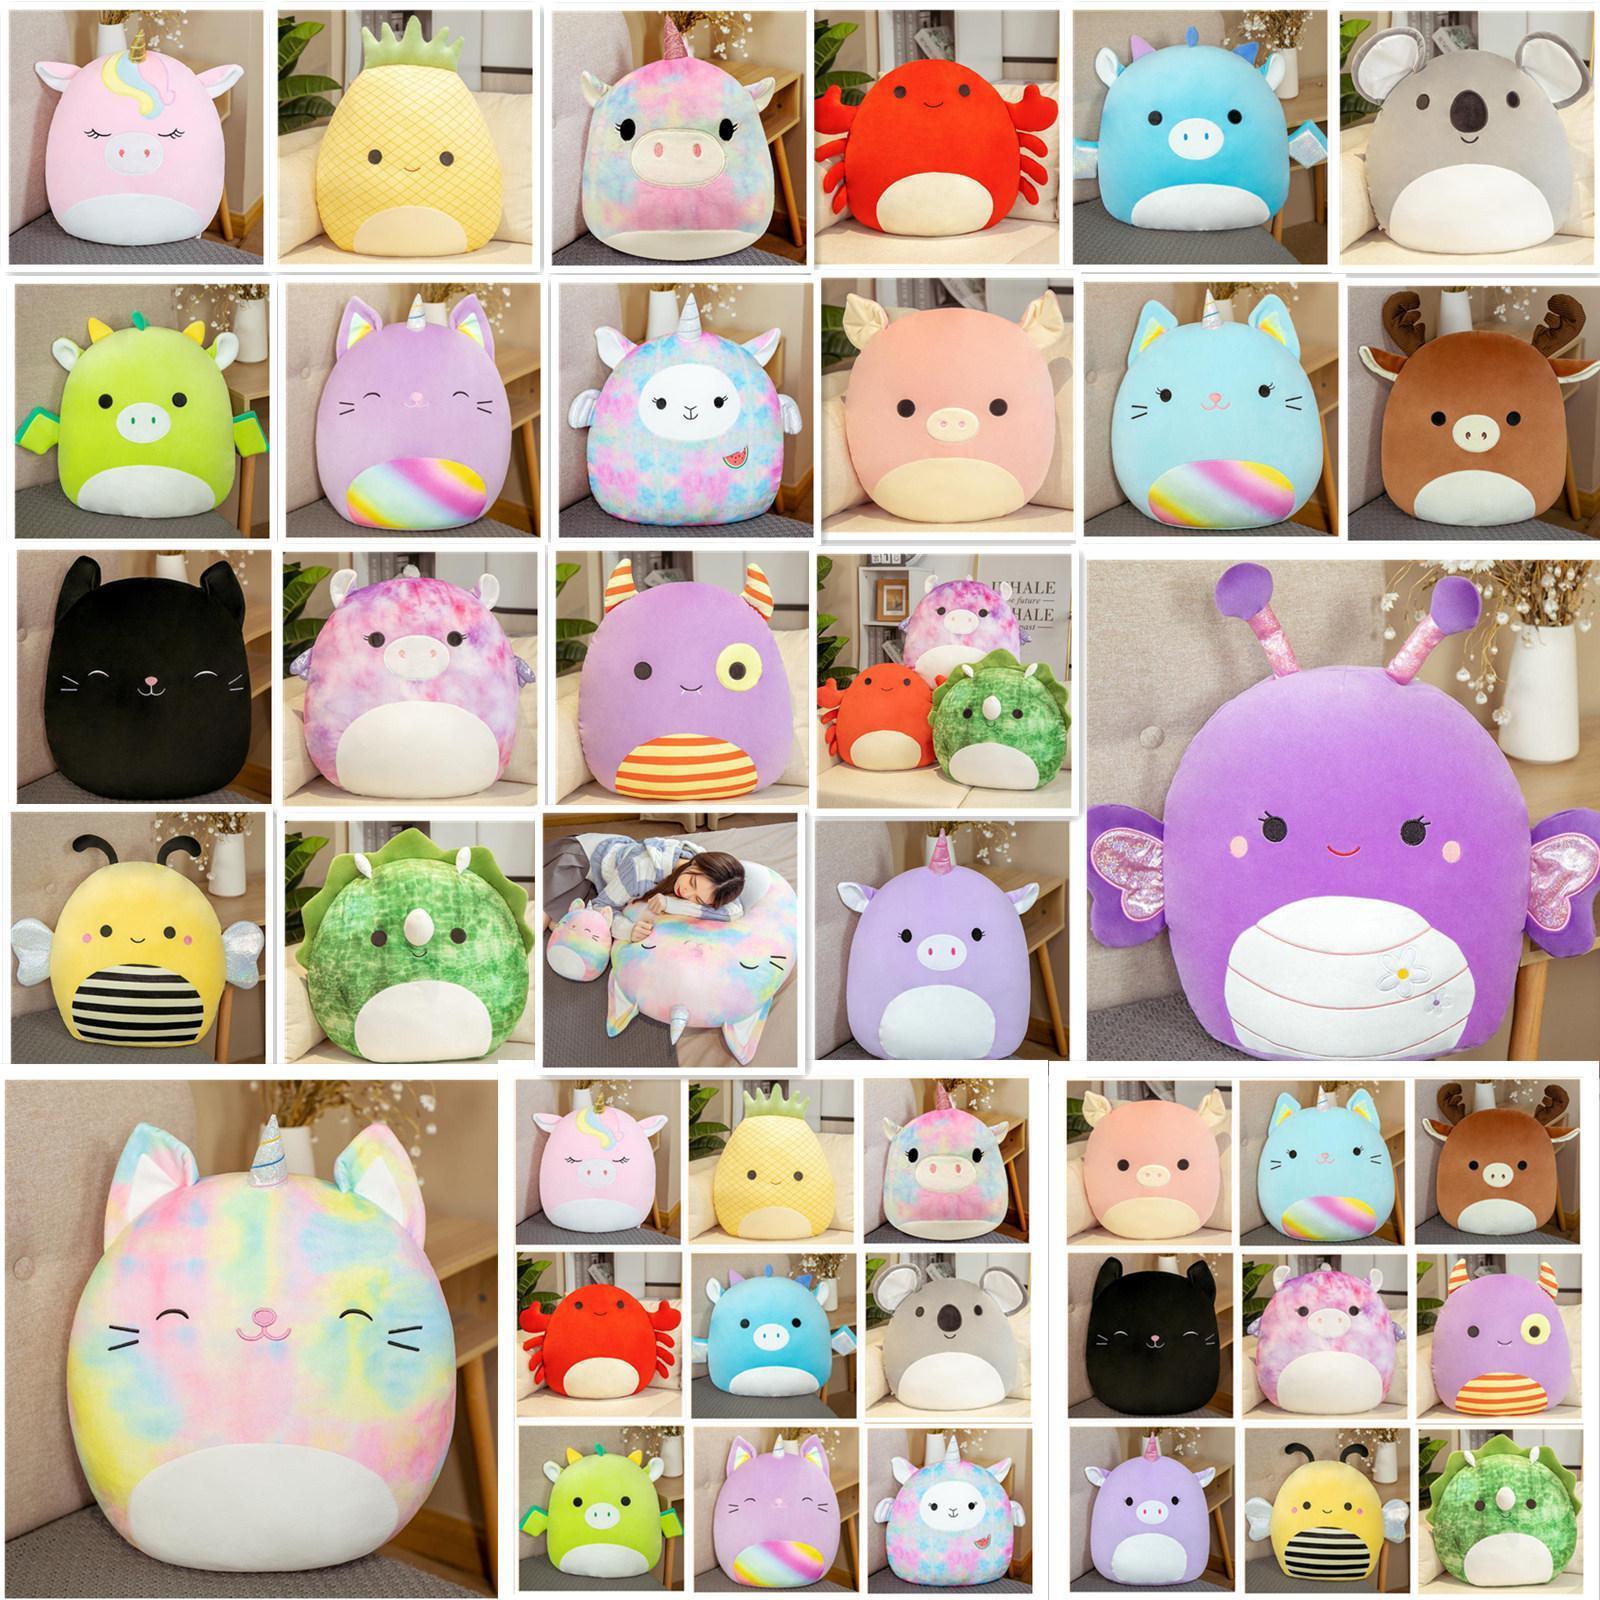 25-40 cm Squishmallow Dolls Twenty Styles Gummy Bambola colorata Unicorno Gatto Maiale Ape Dinosauro Cuscino Peluche Giocattolo Regalo di Natale